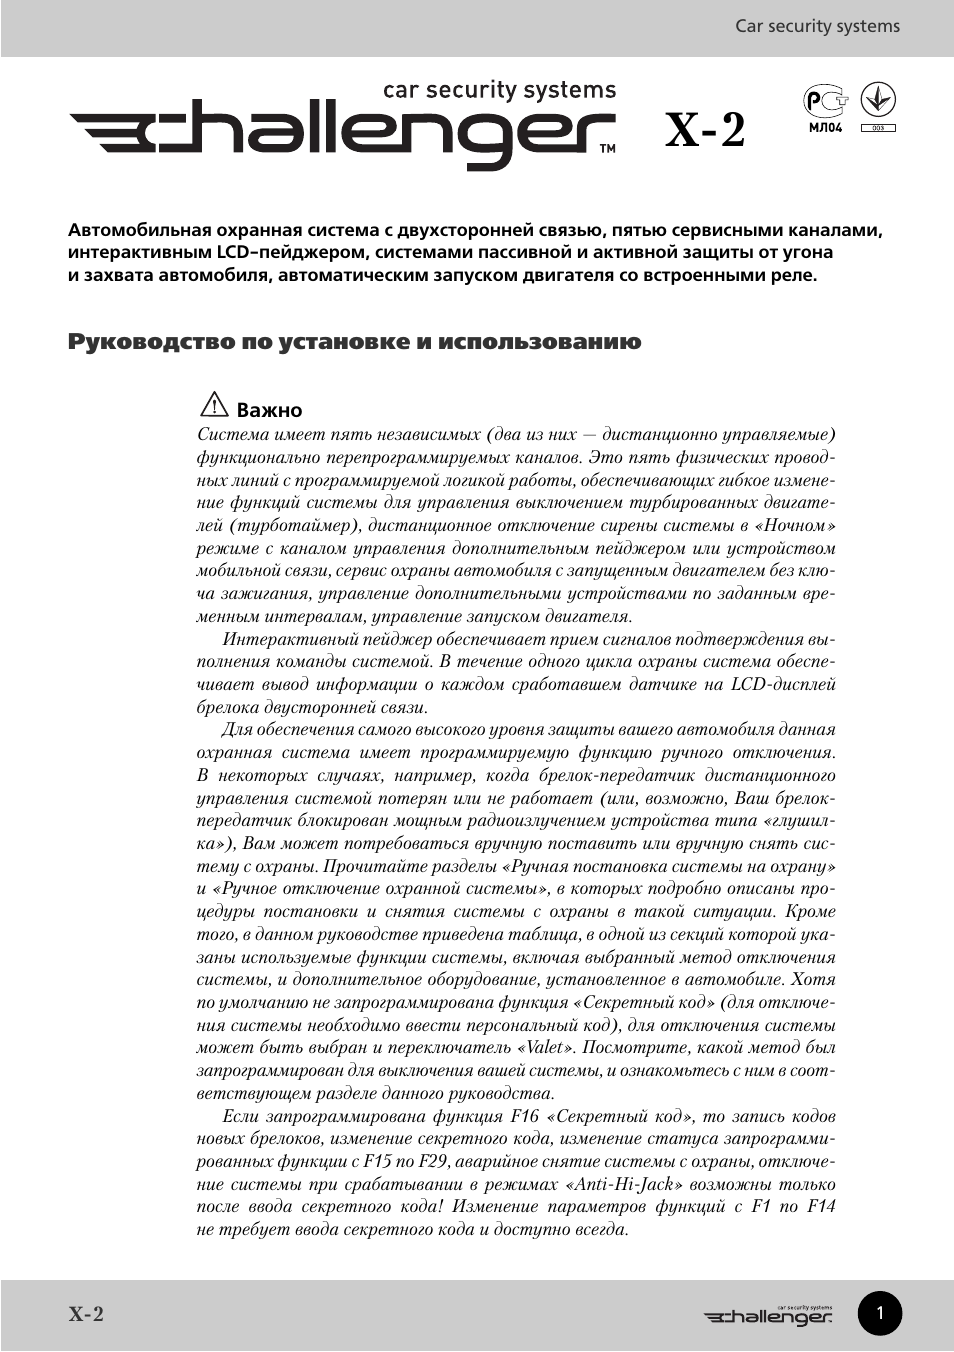 схема подключения автосигнализации challenger chtr248v2